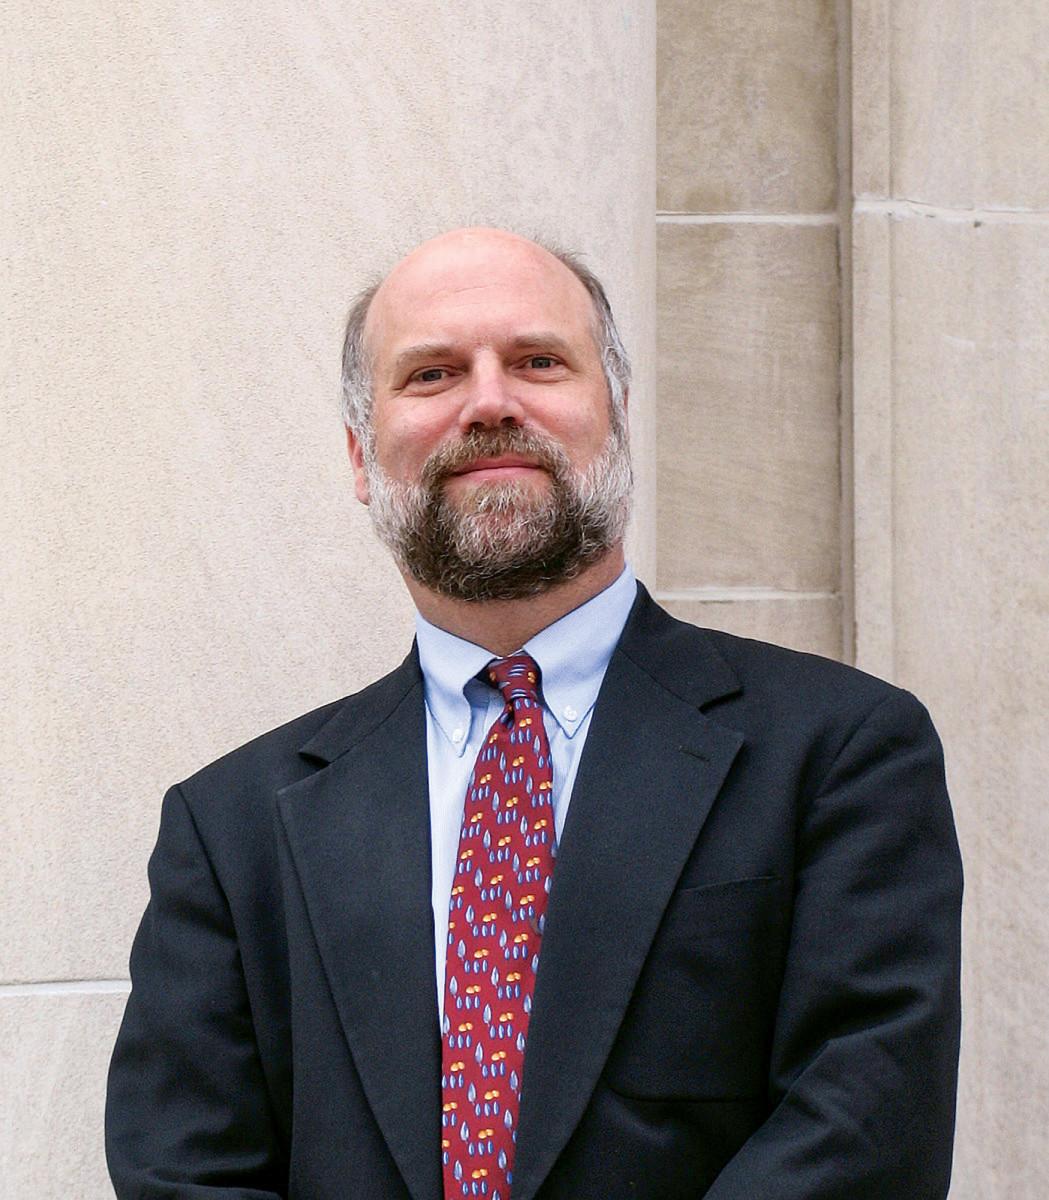 Steven Semes, University of Notre Dame